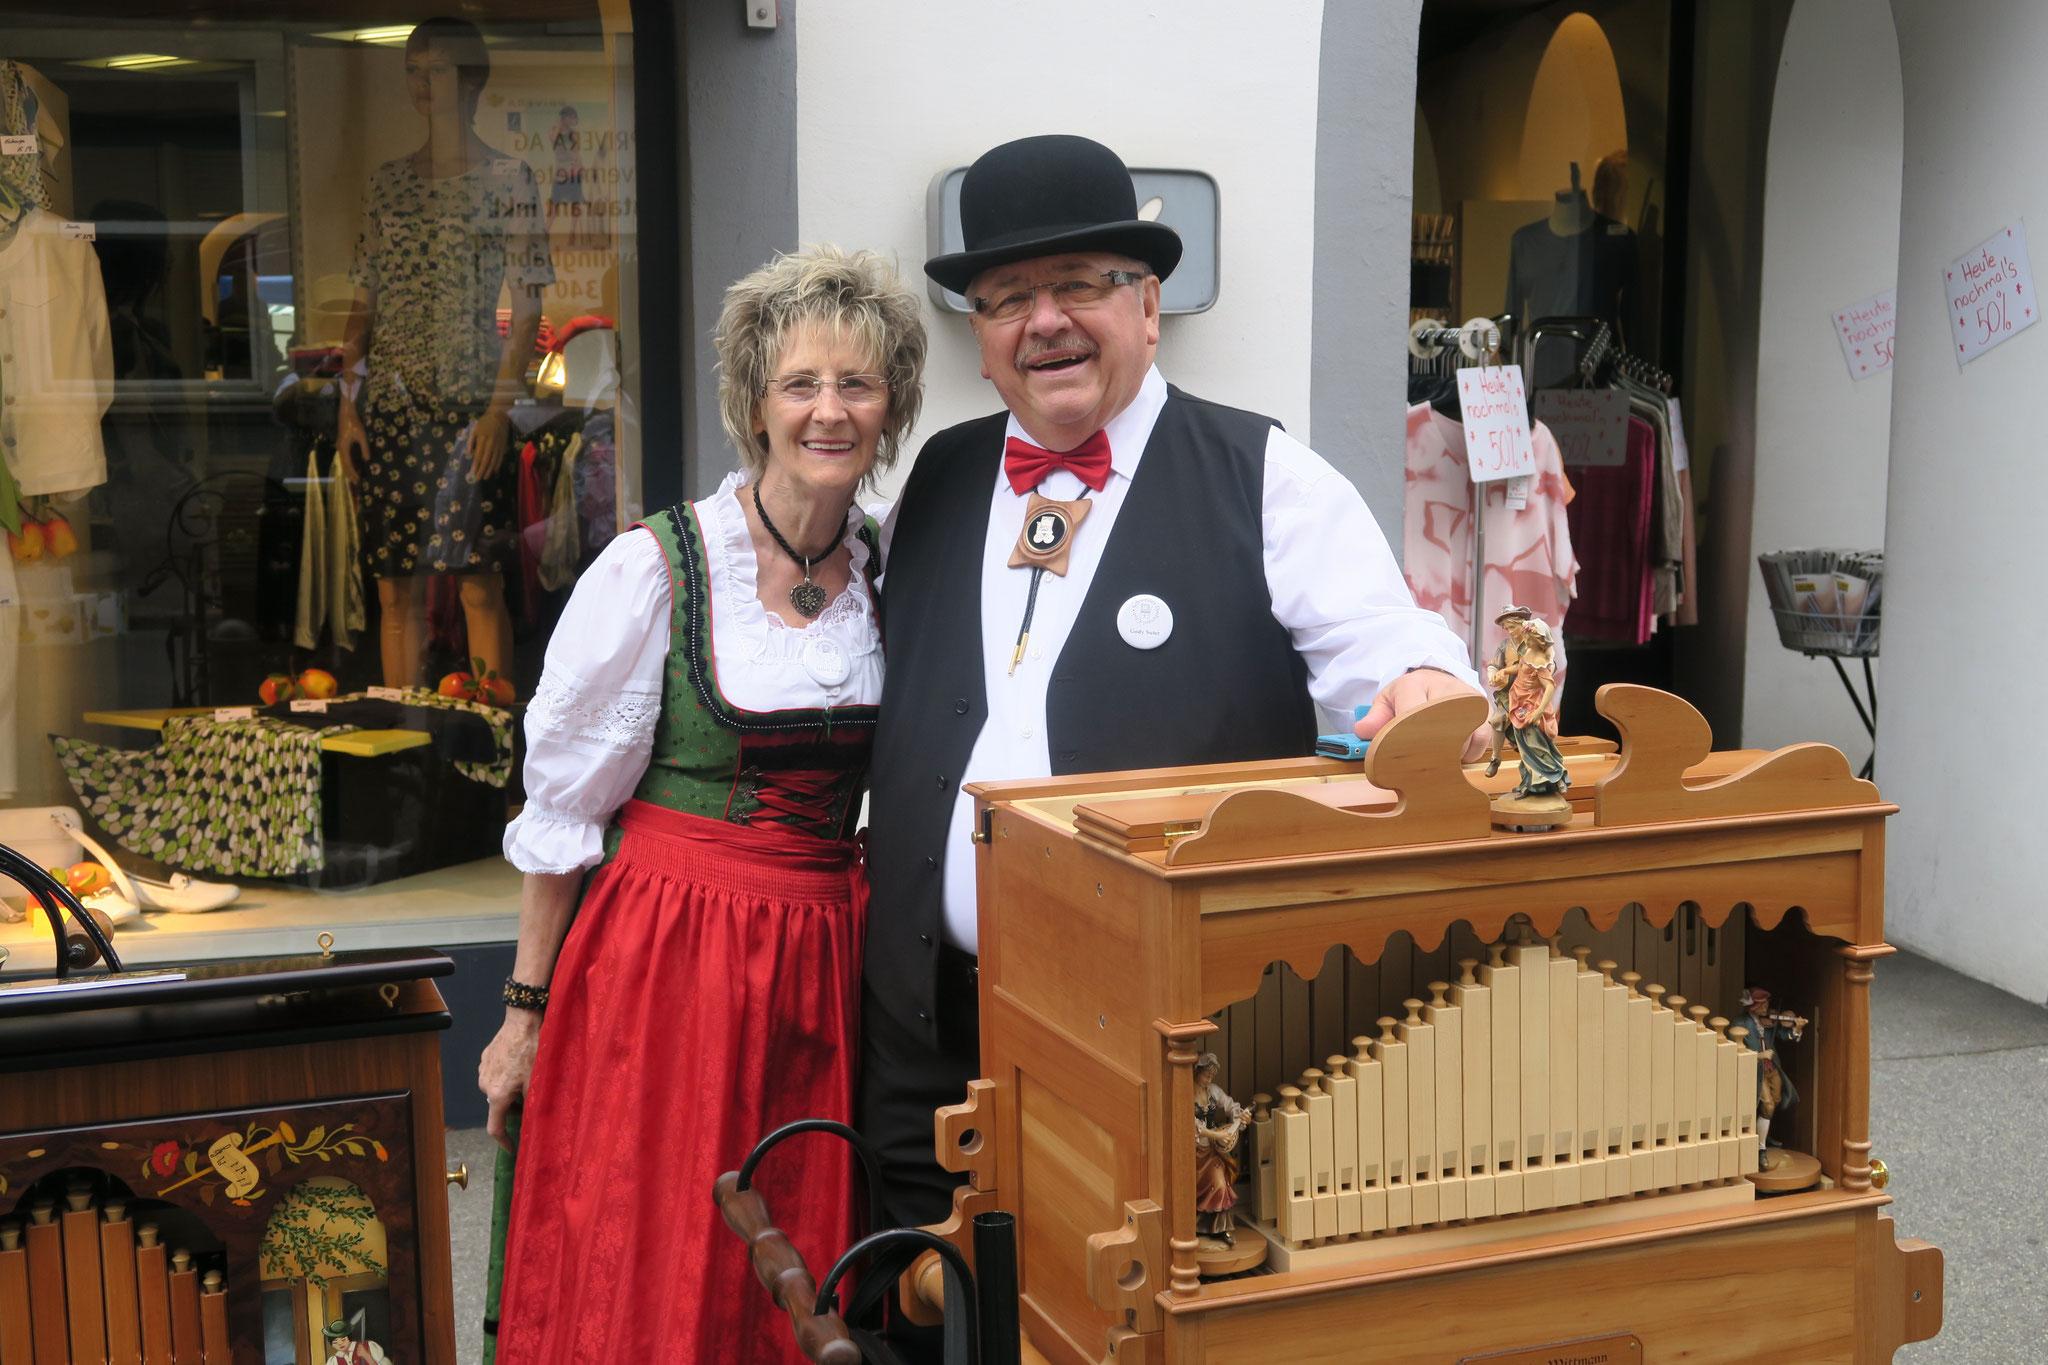 Gody und Helen Suter aus Solothurn